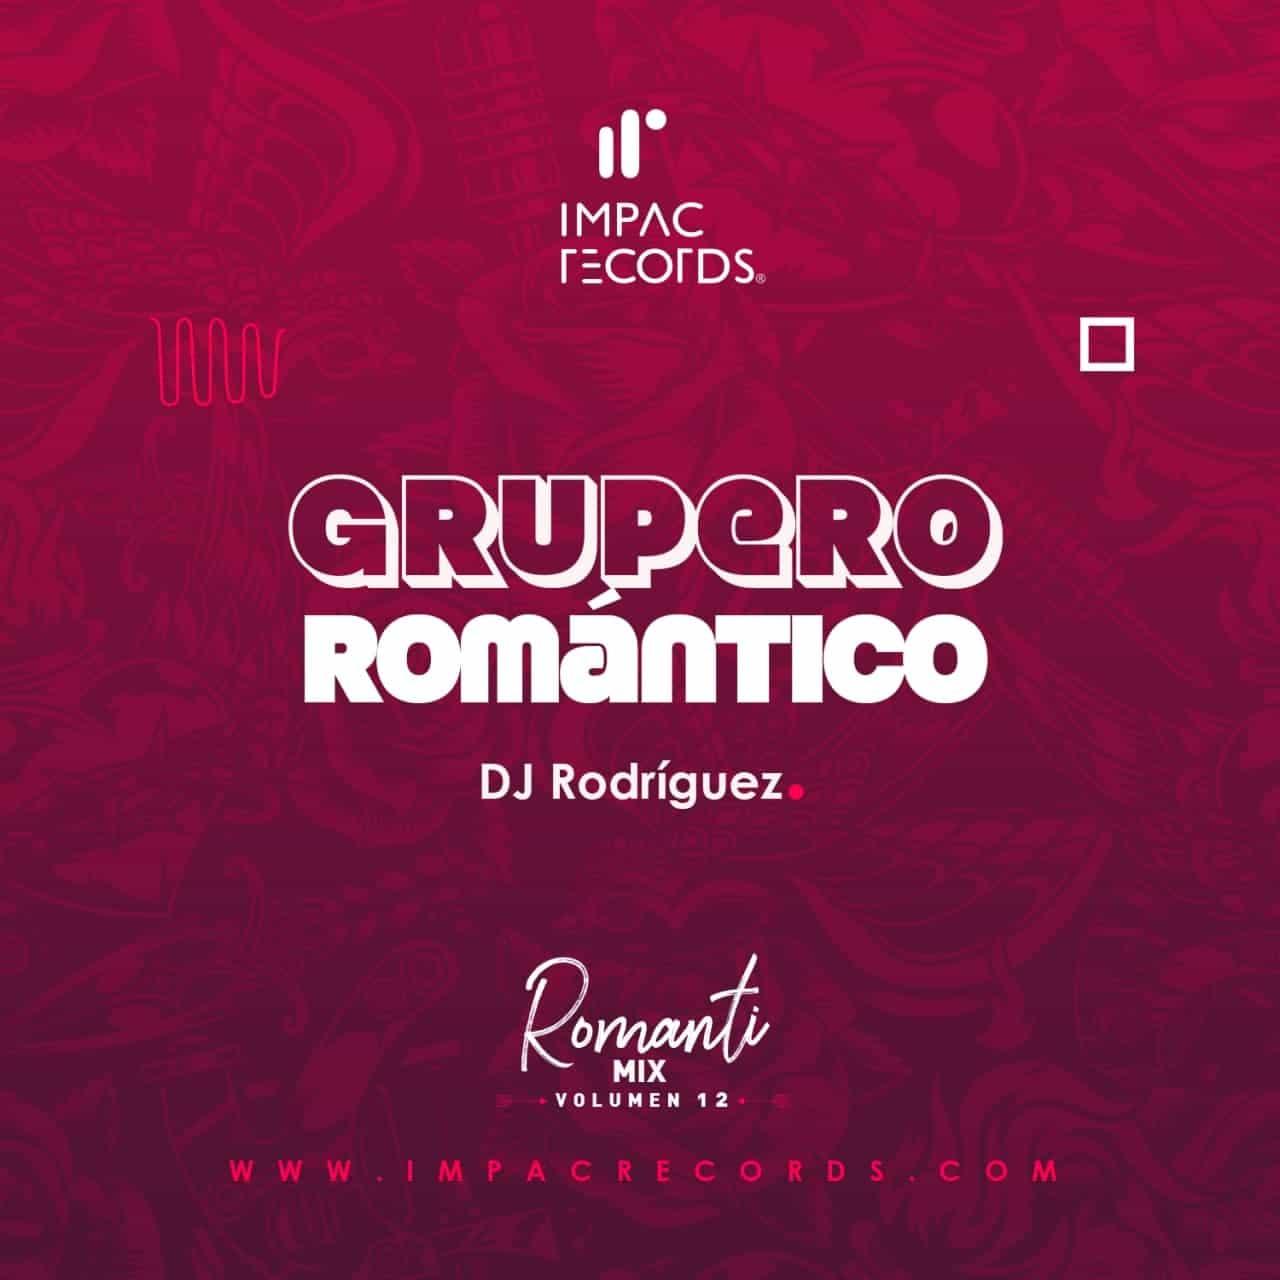 Grupero Romántico Impac Records